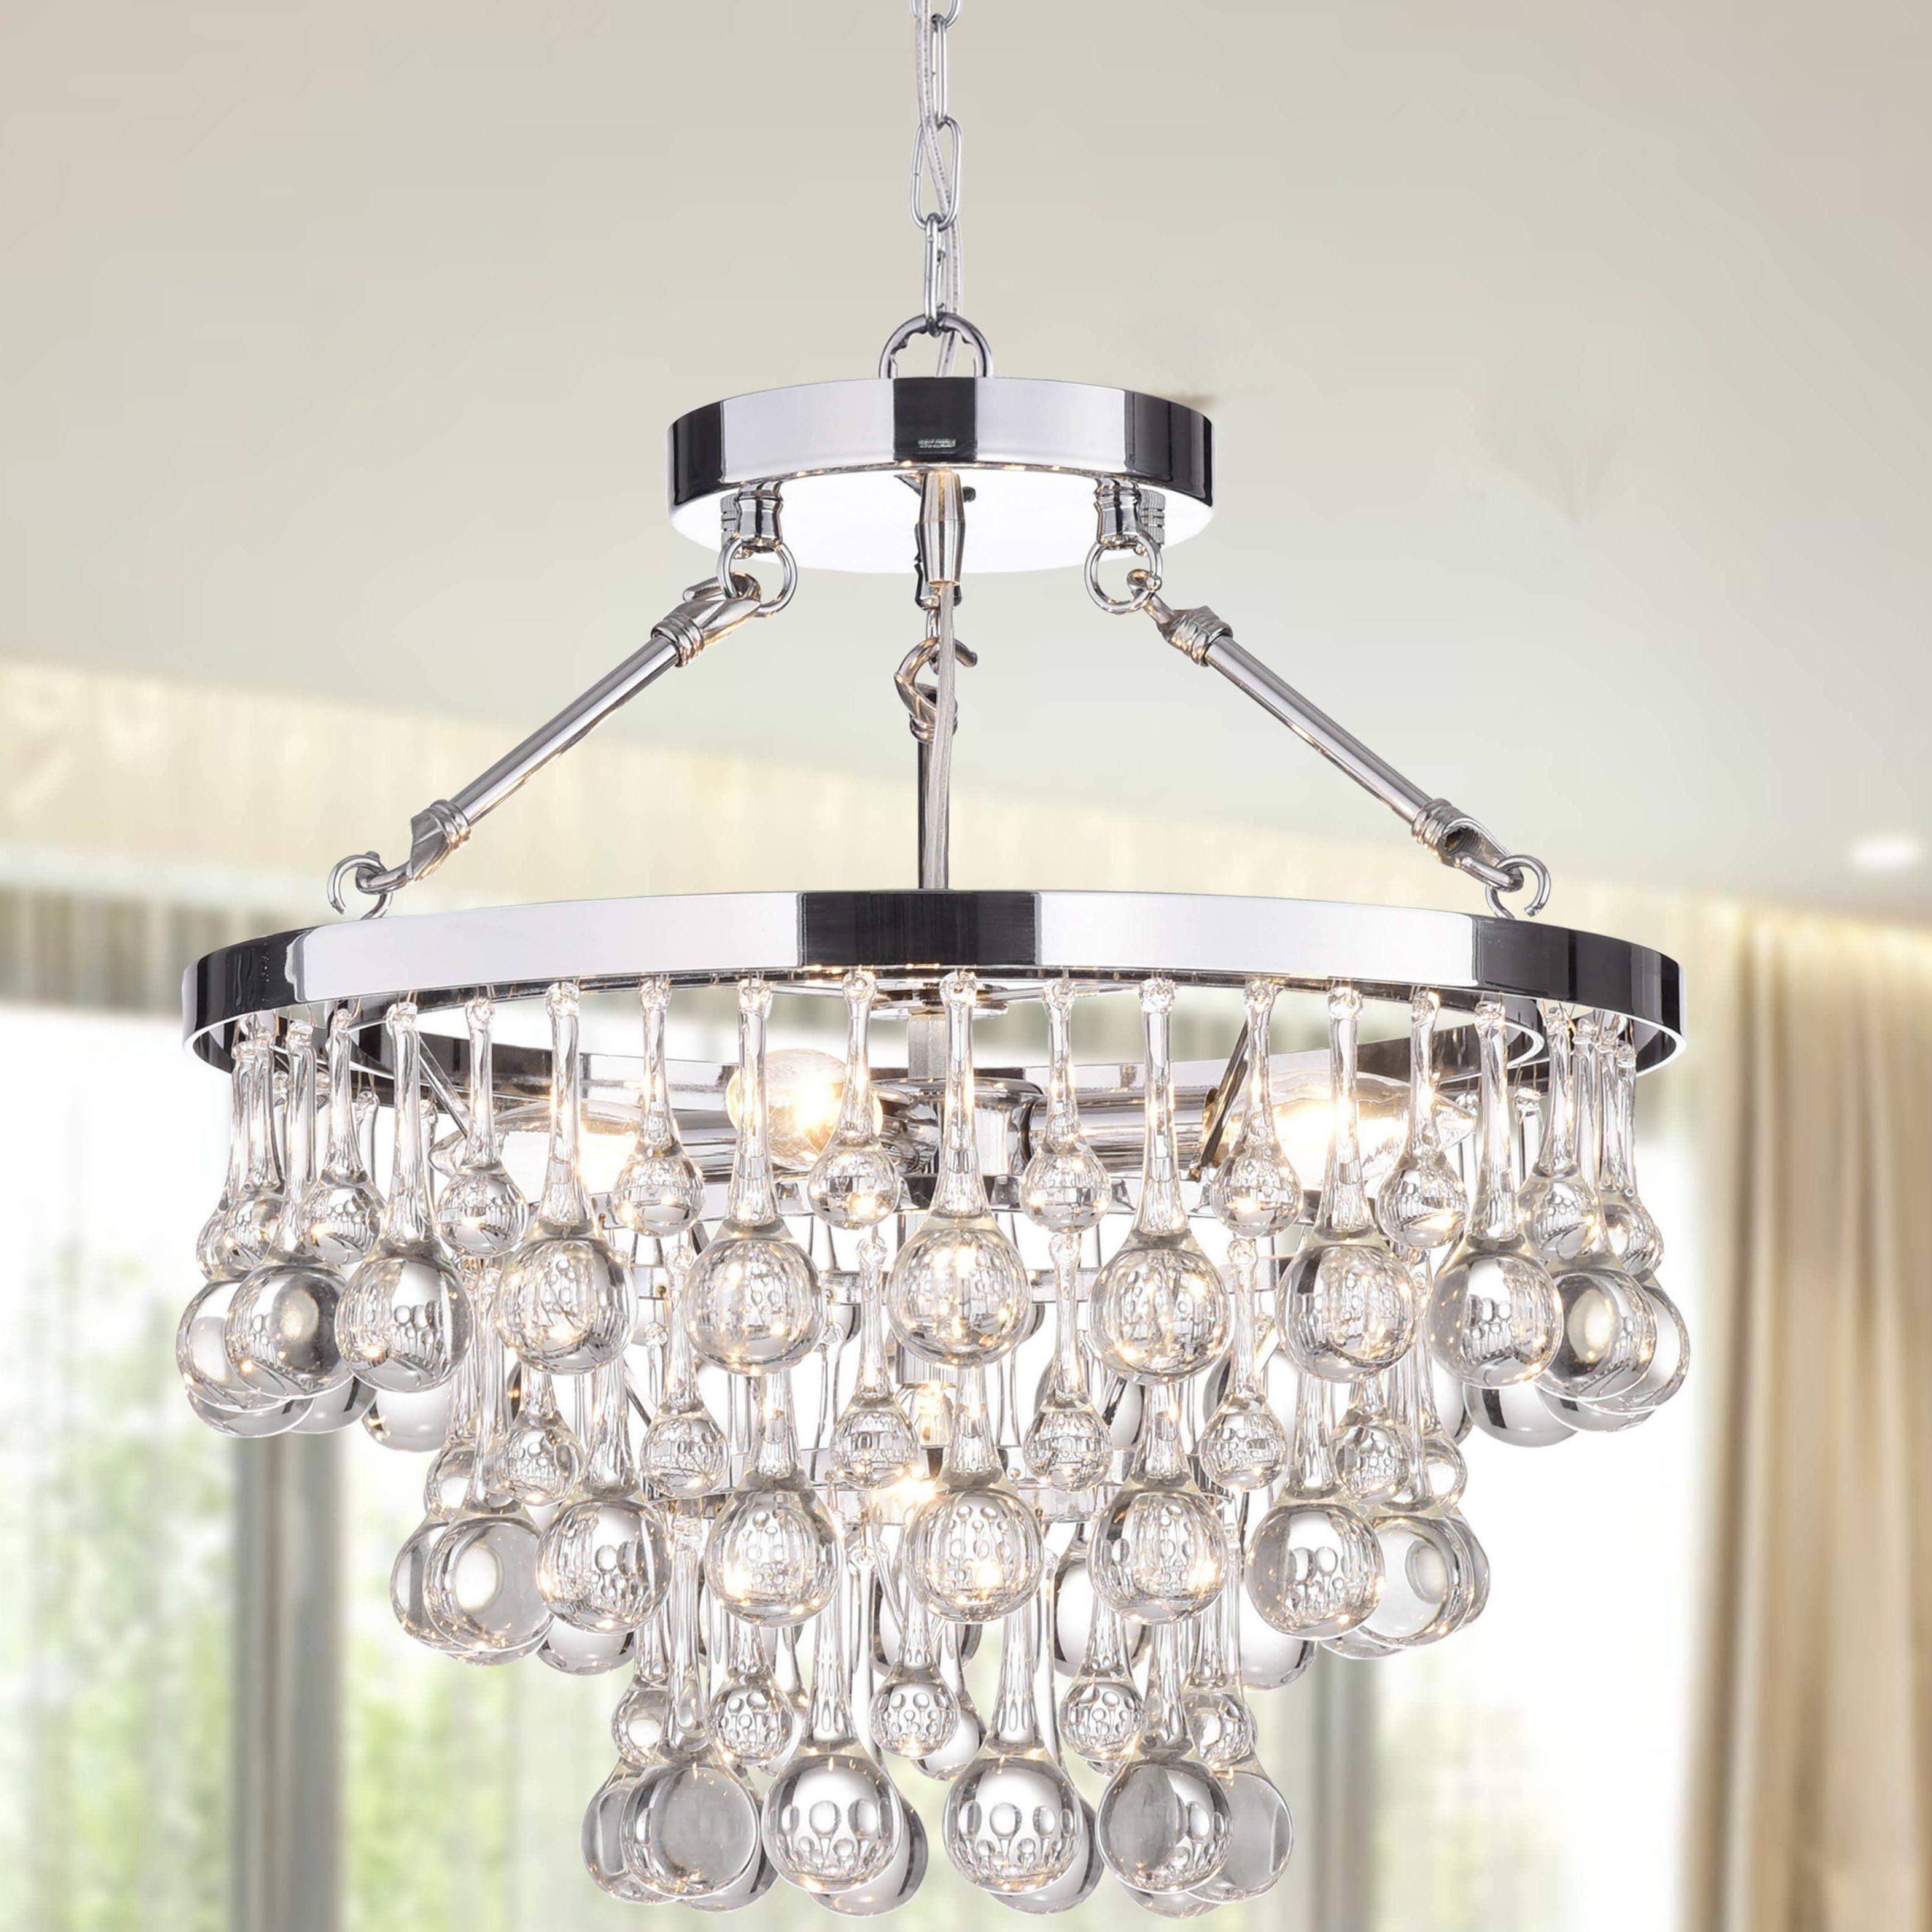 Koalemos 5 Light Crystal Chandelier